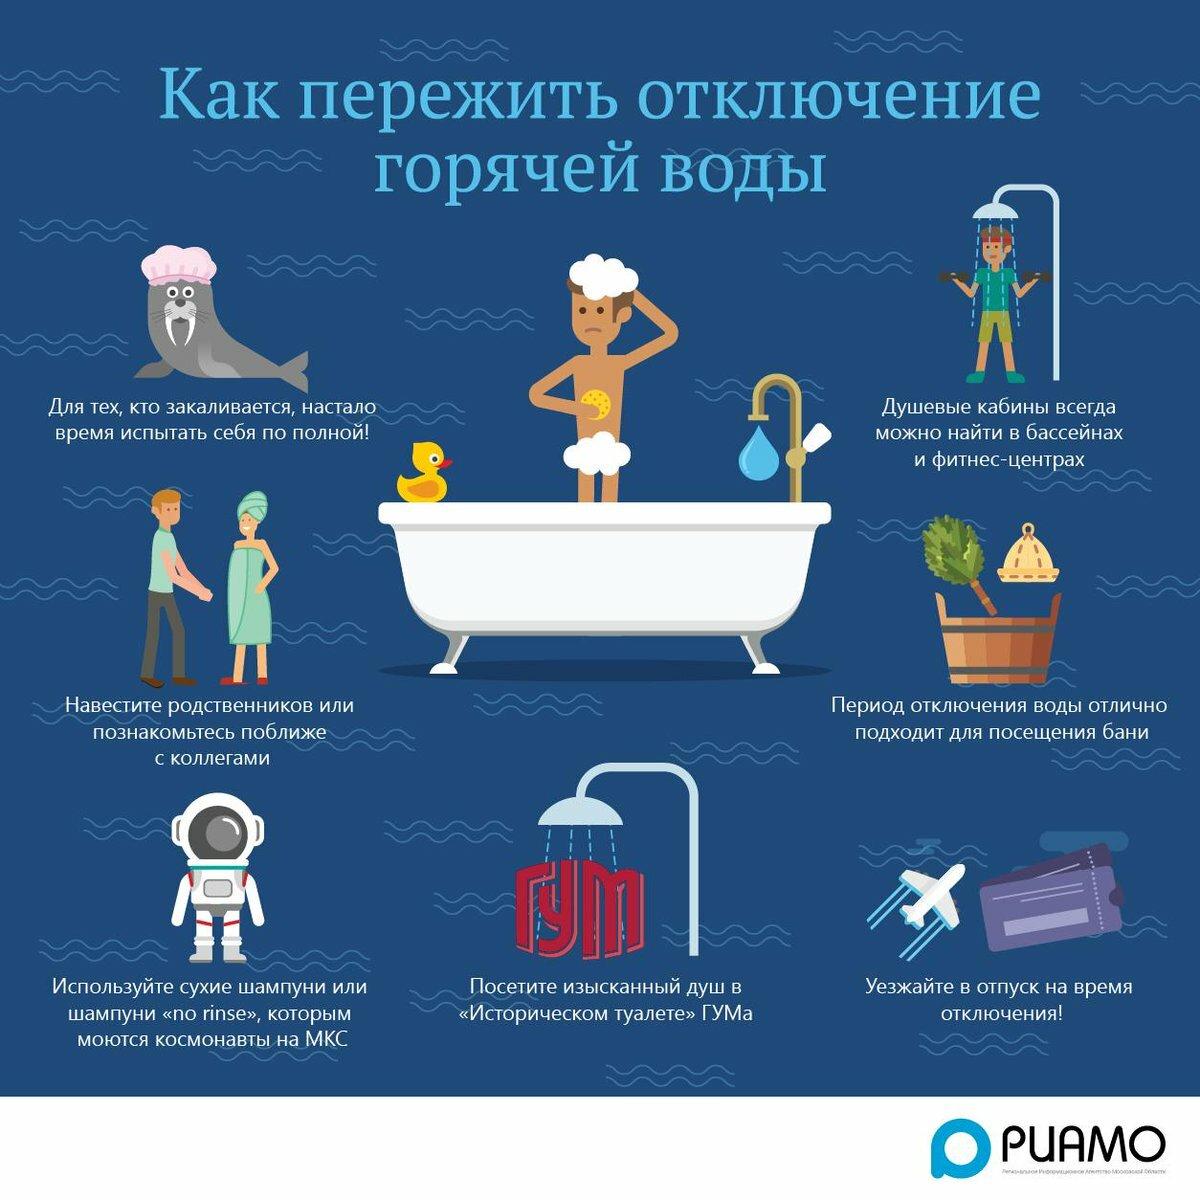 Нет воды - куда звонить (москва и московская область) в 2020 году: куда позвонить, если отключили горячую или холодную воду без предупреждения в квартире